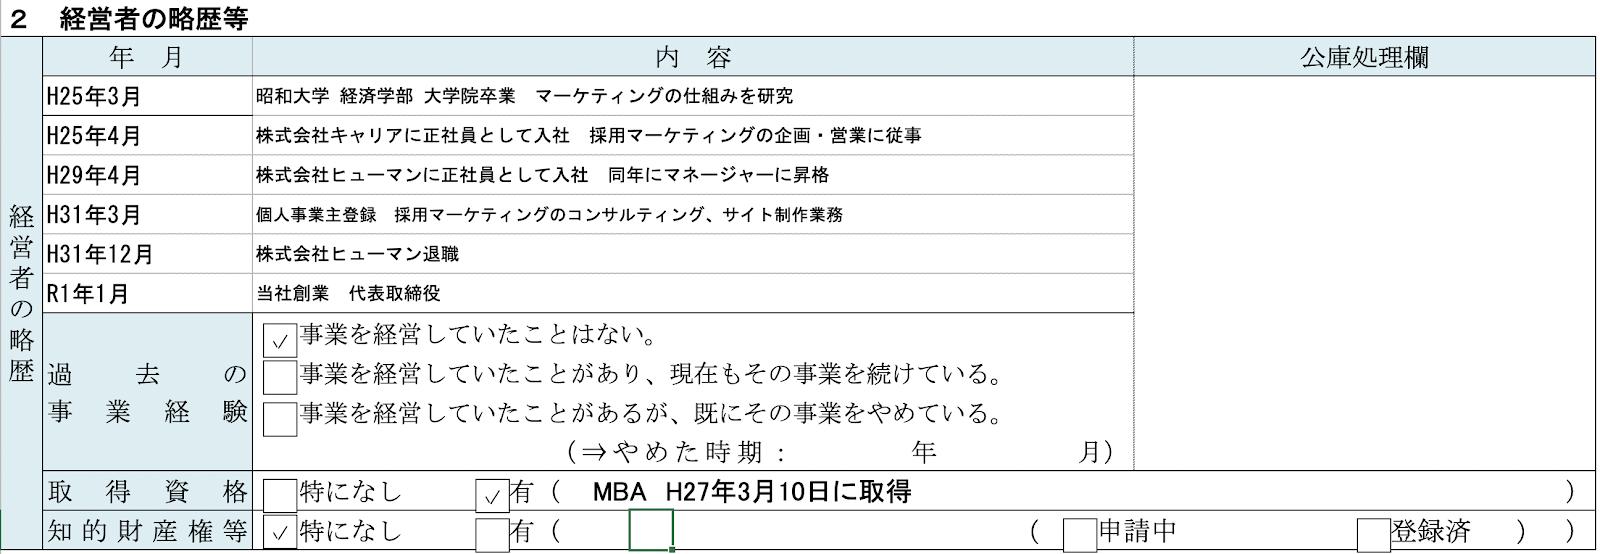 創業計画書・経営者の経歴等サンプル図